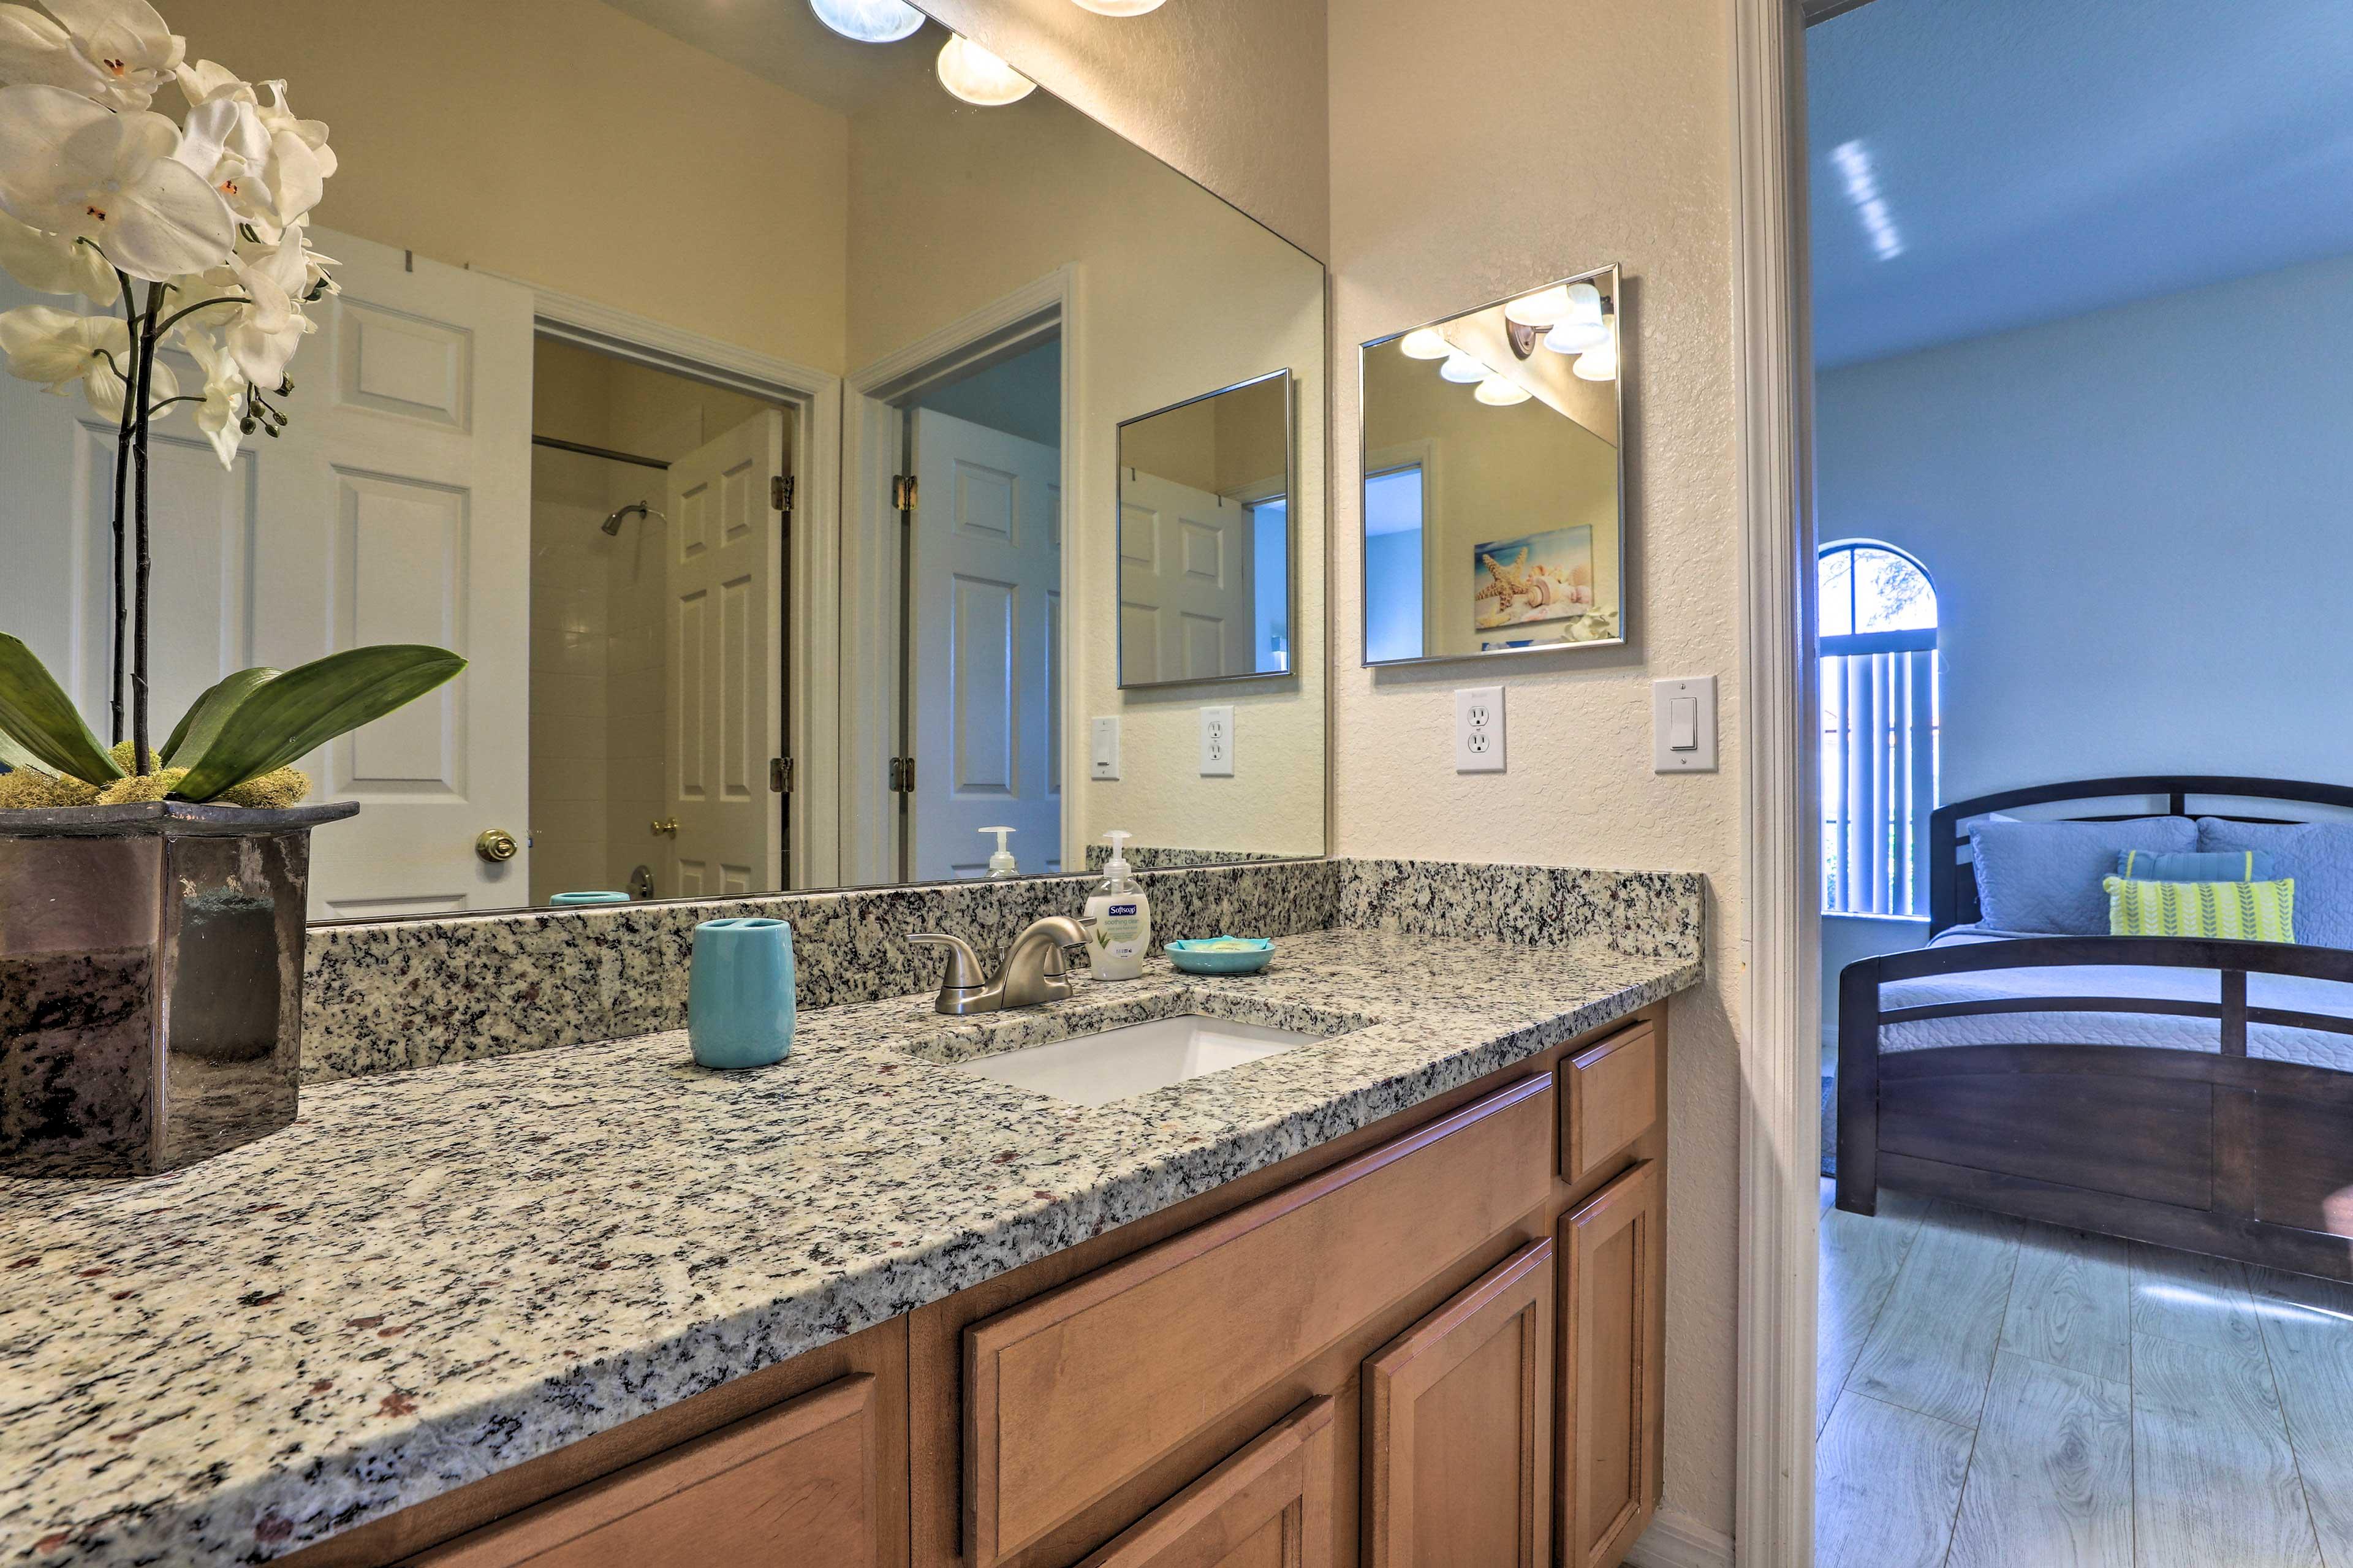 Freshen up in this full en-suite bathroom.